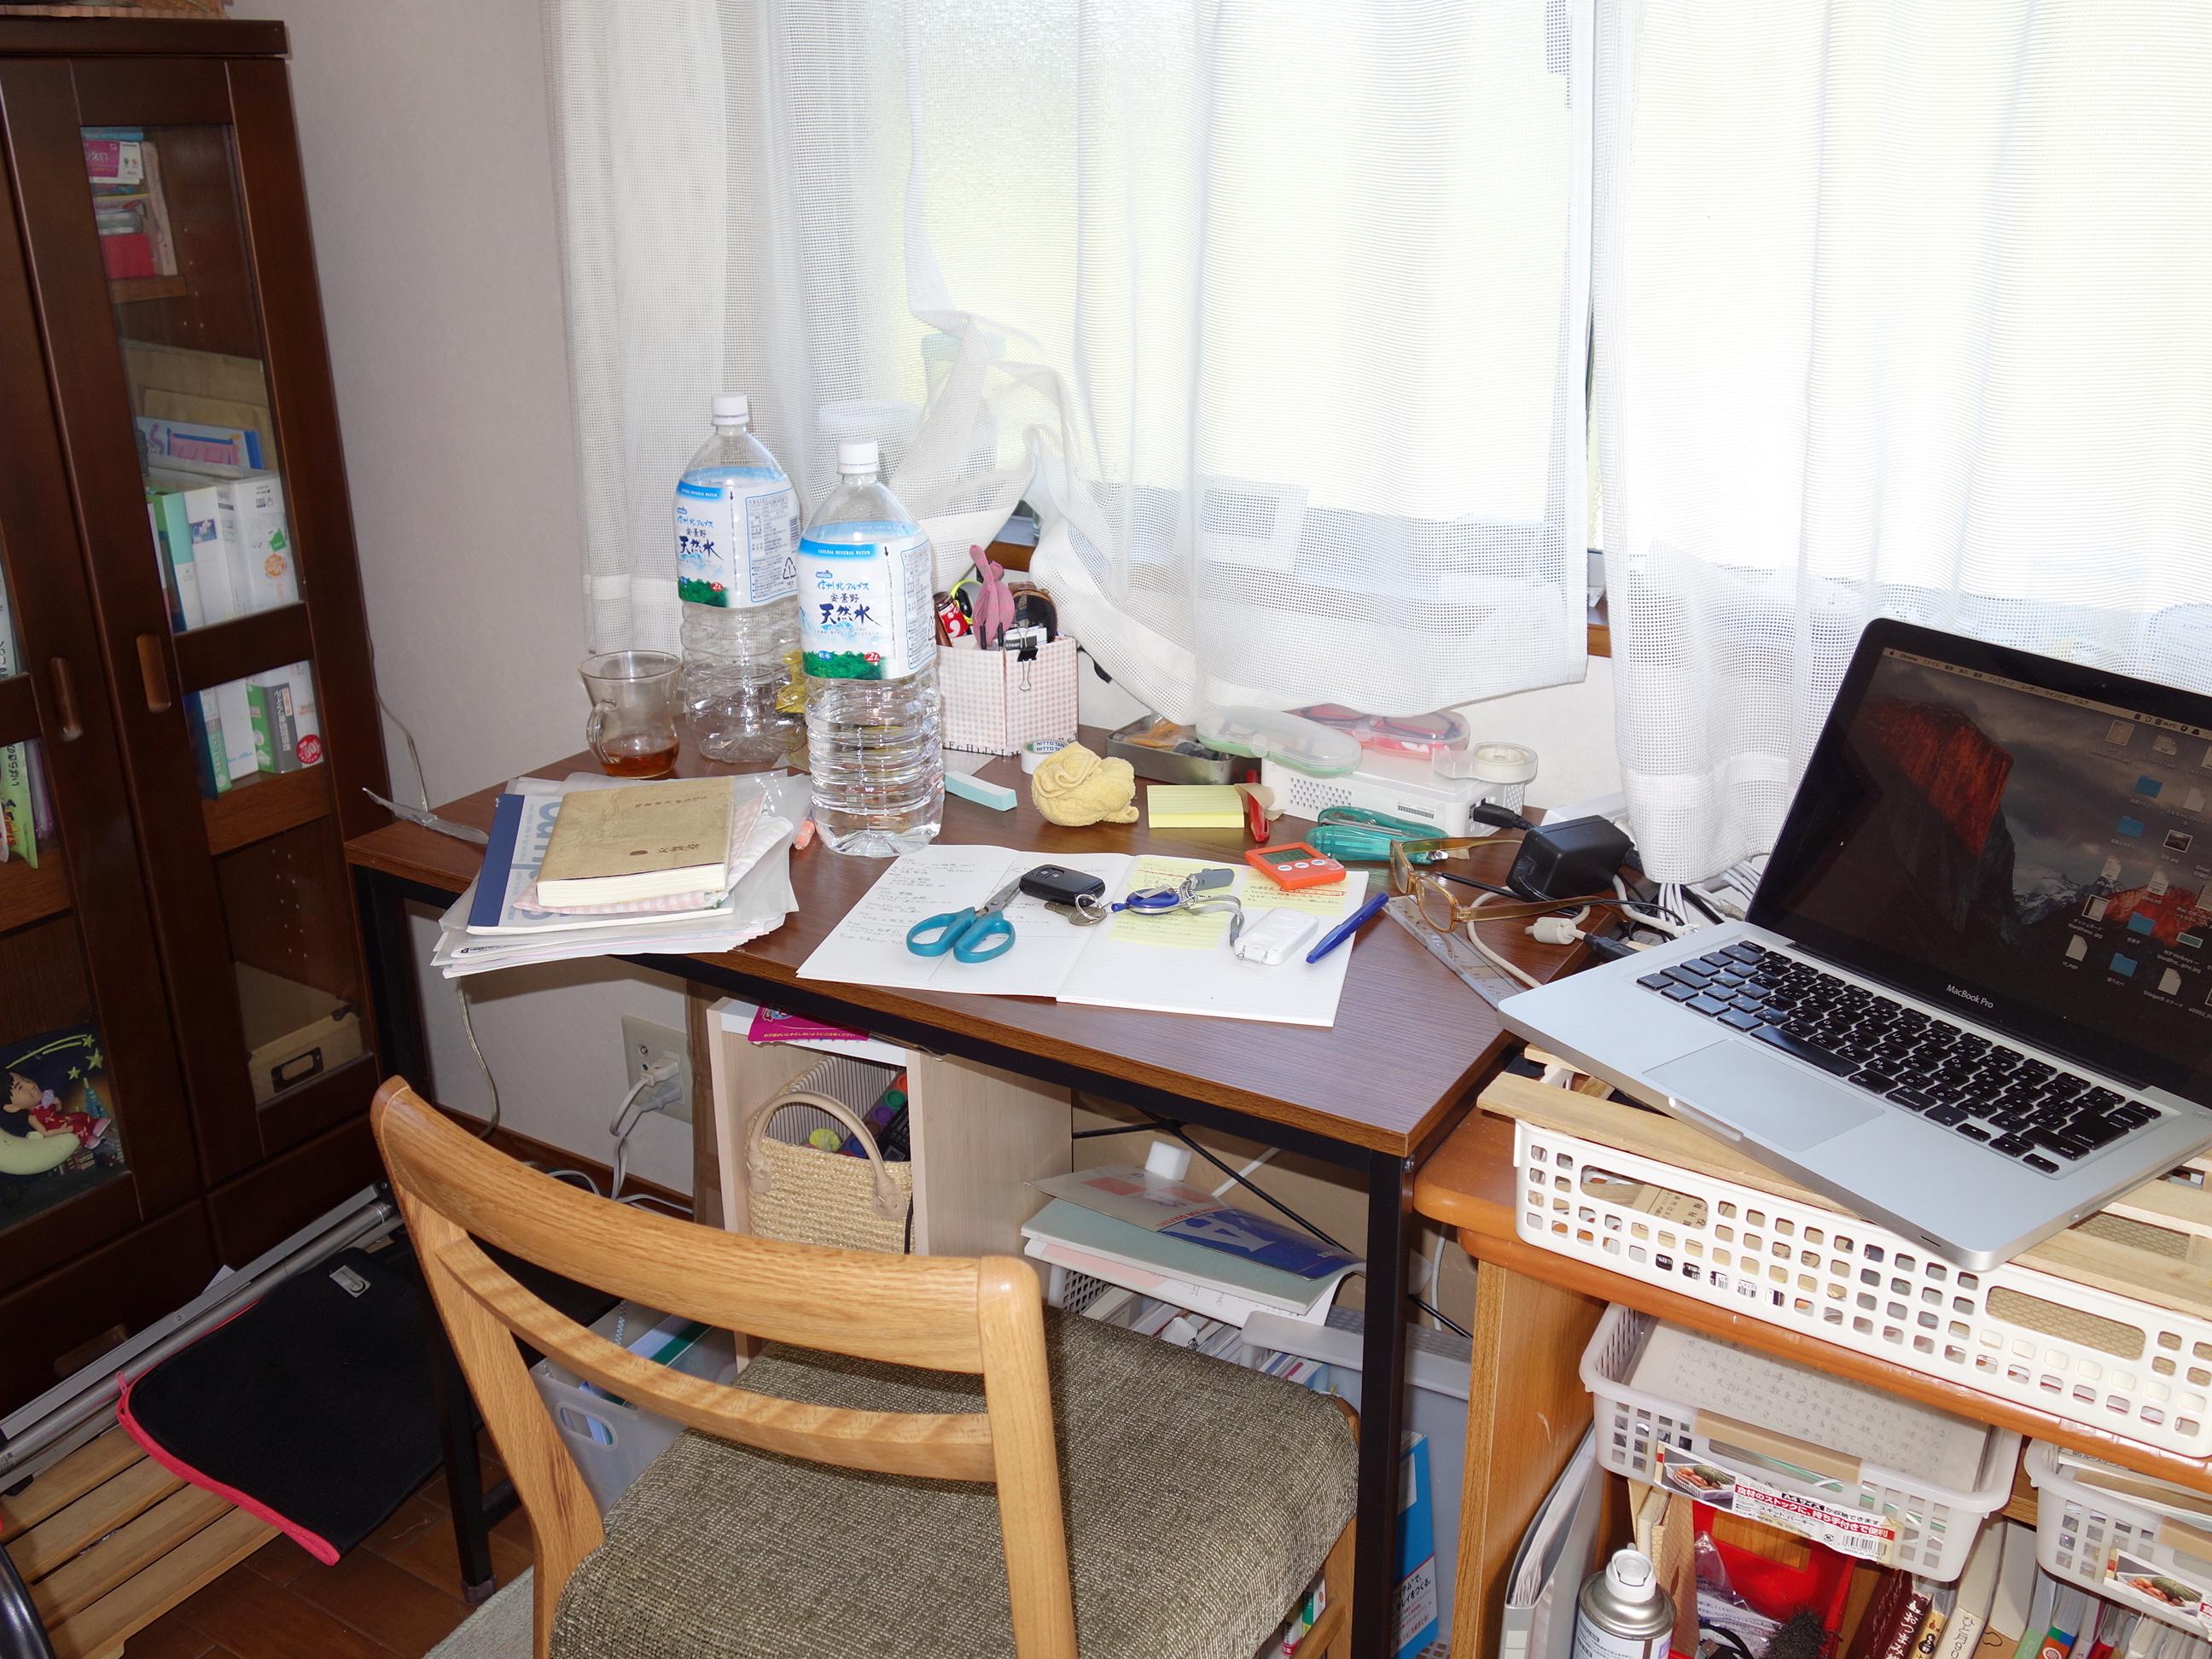 デスク,片付け,整理,仕事効率化,資料,書類,仕事はパンパン,全然片付いていない,